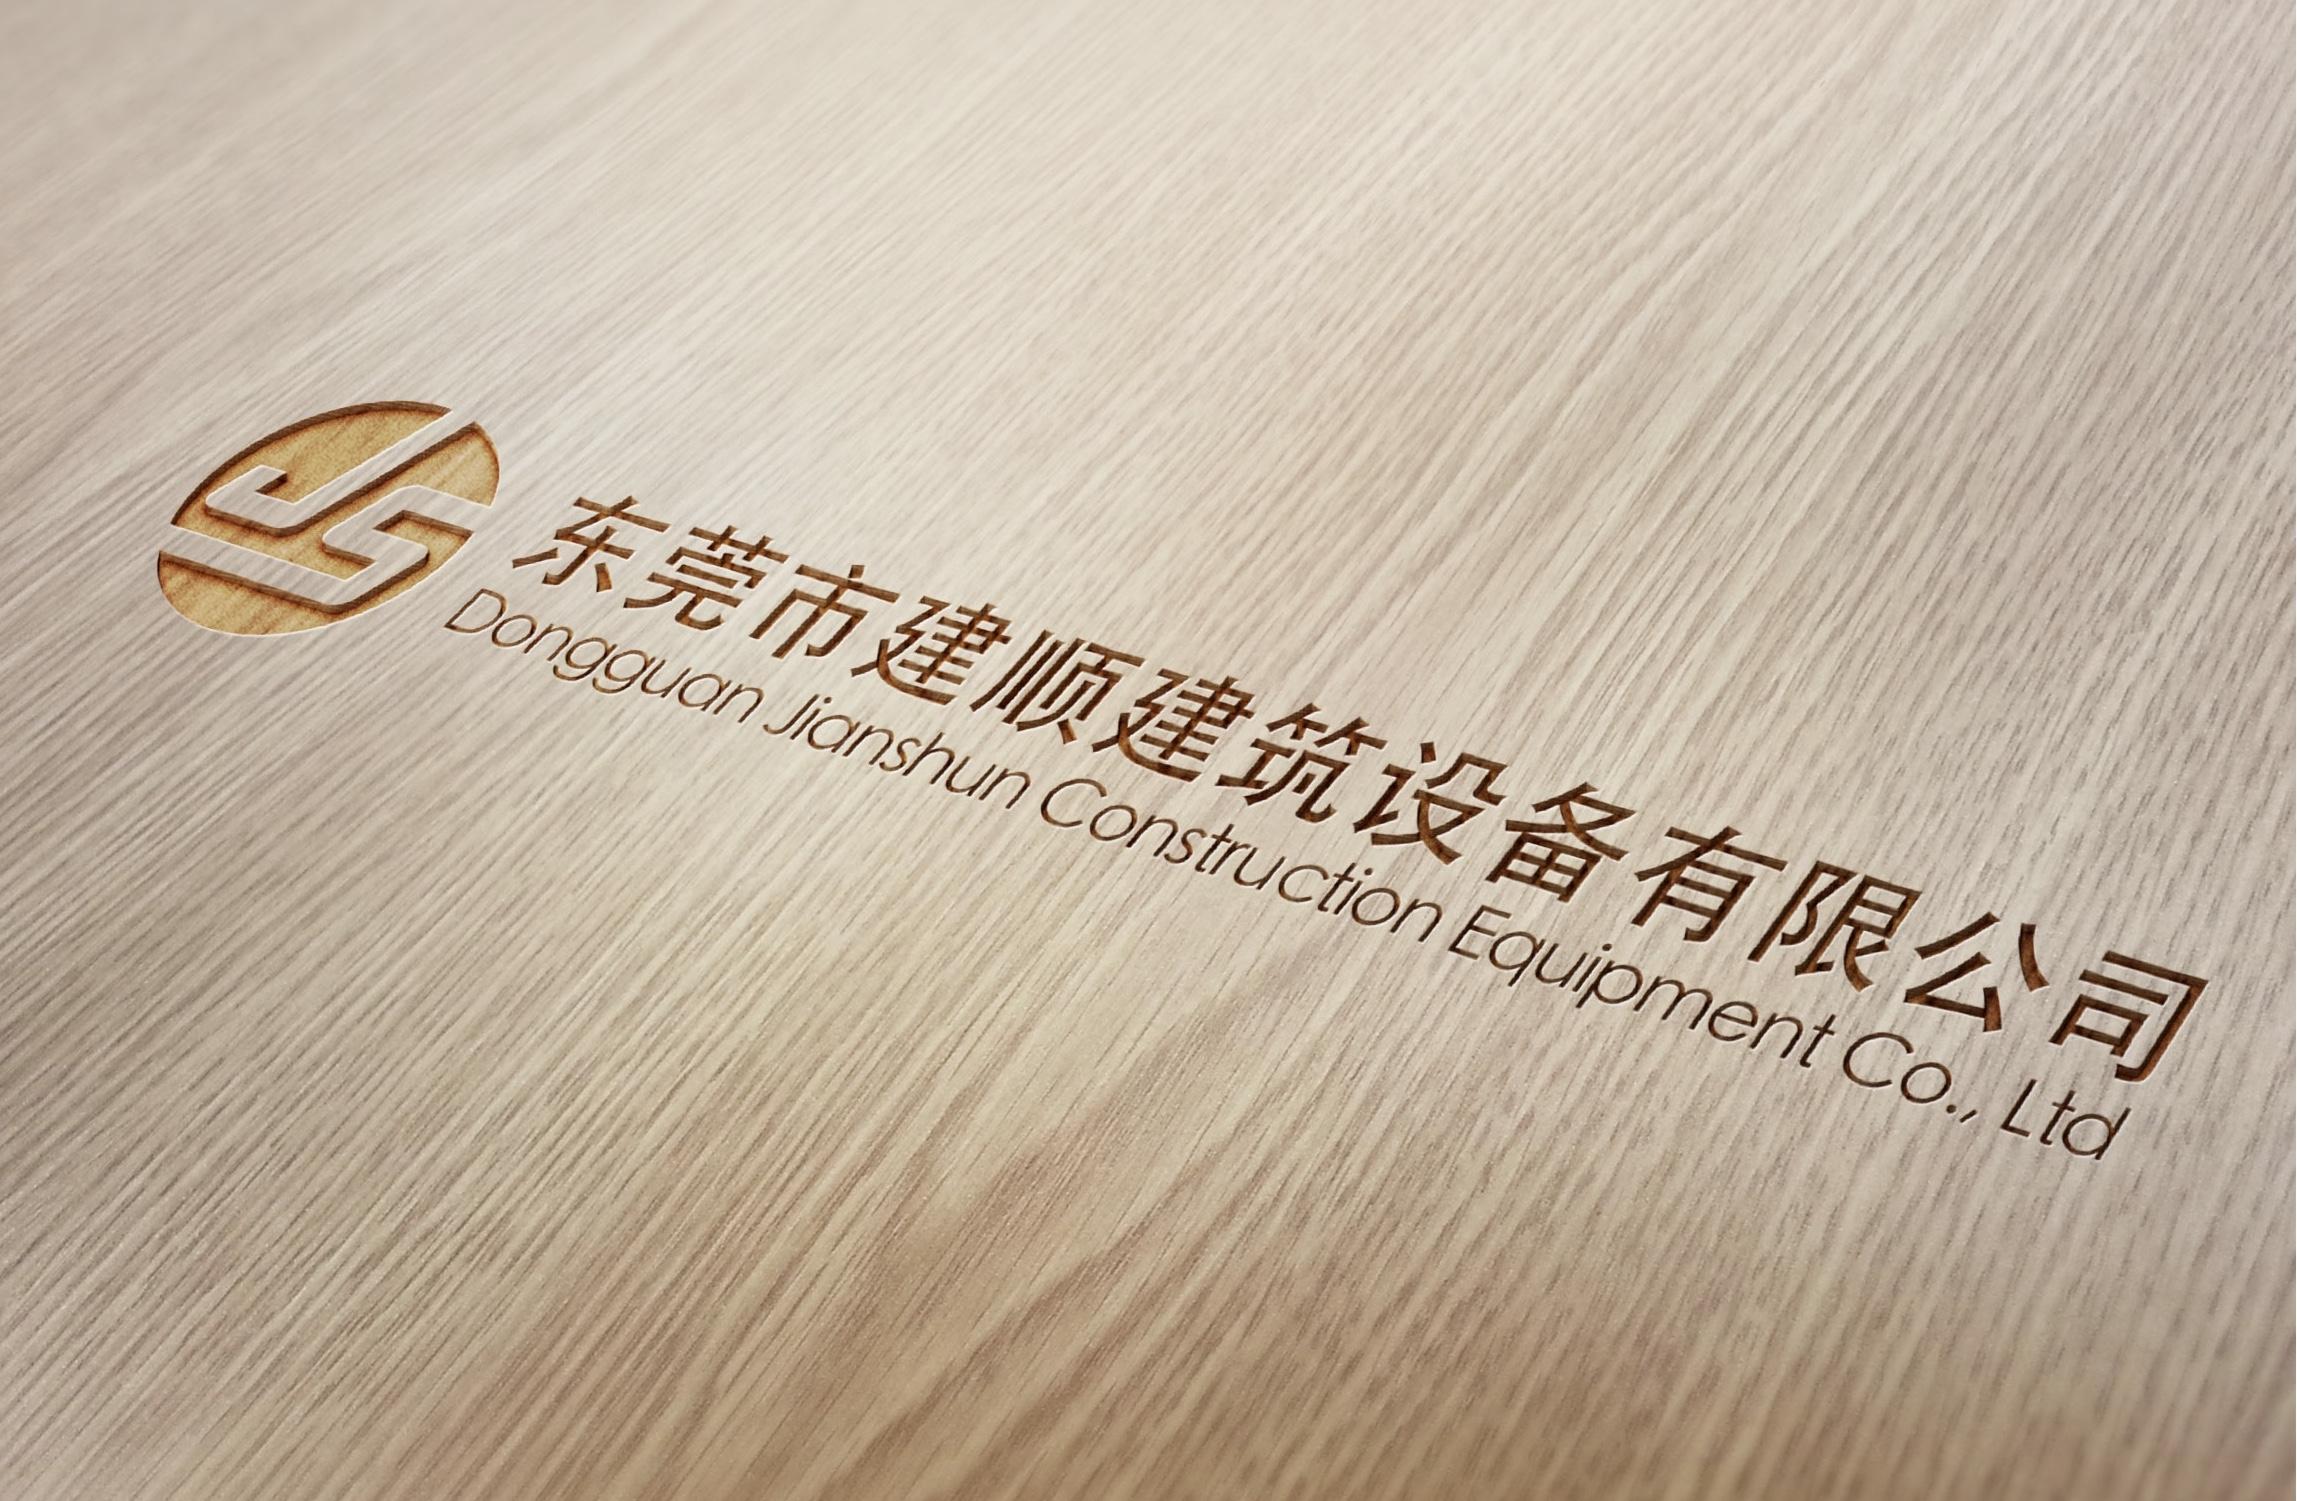 东莞市建顺建筑设备有限公司(图2)